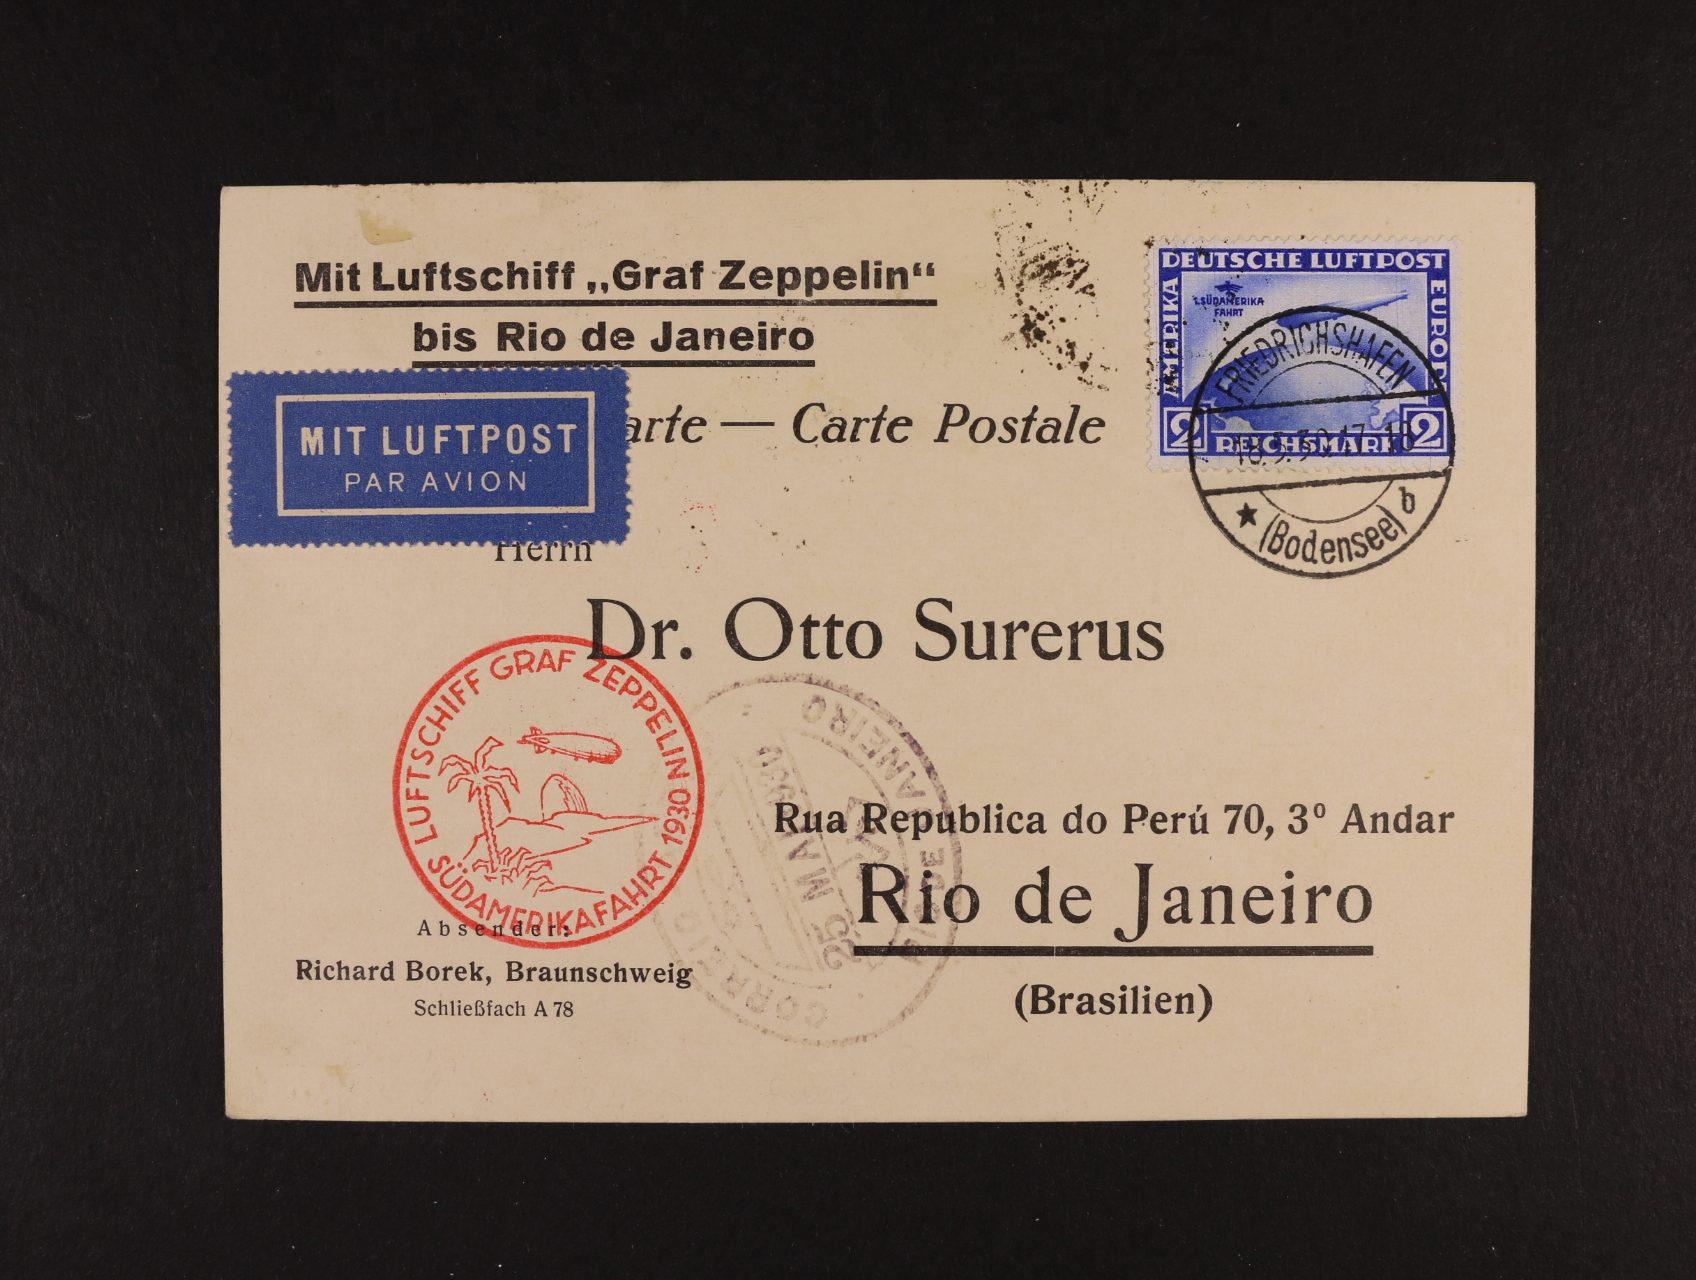 Německo - SÜDAMERIKAFAHRT 1930 - oficielní let. KL do Brazílie frank. zn. Mi. č. 438, pod. raz. FRIEDRICHSHAFEN 18.5.1930, červený kašet, přích. a průch. raz.